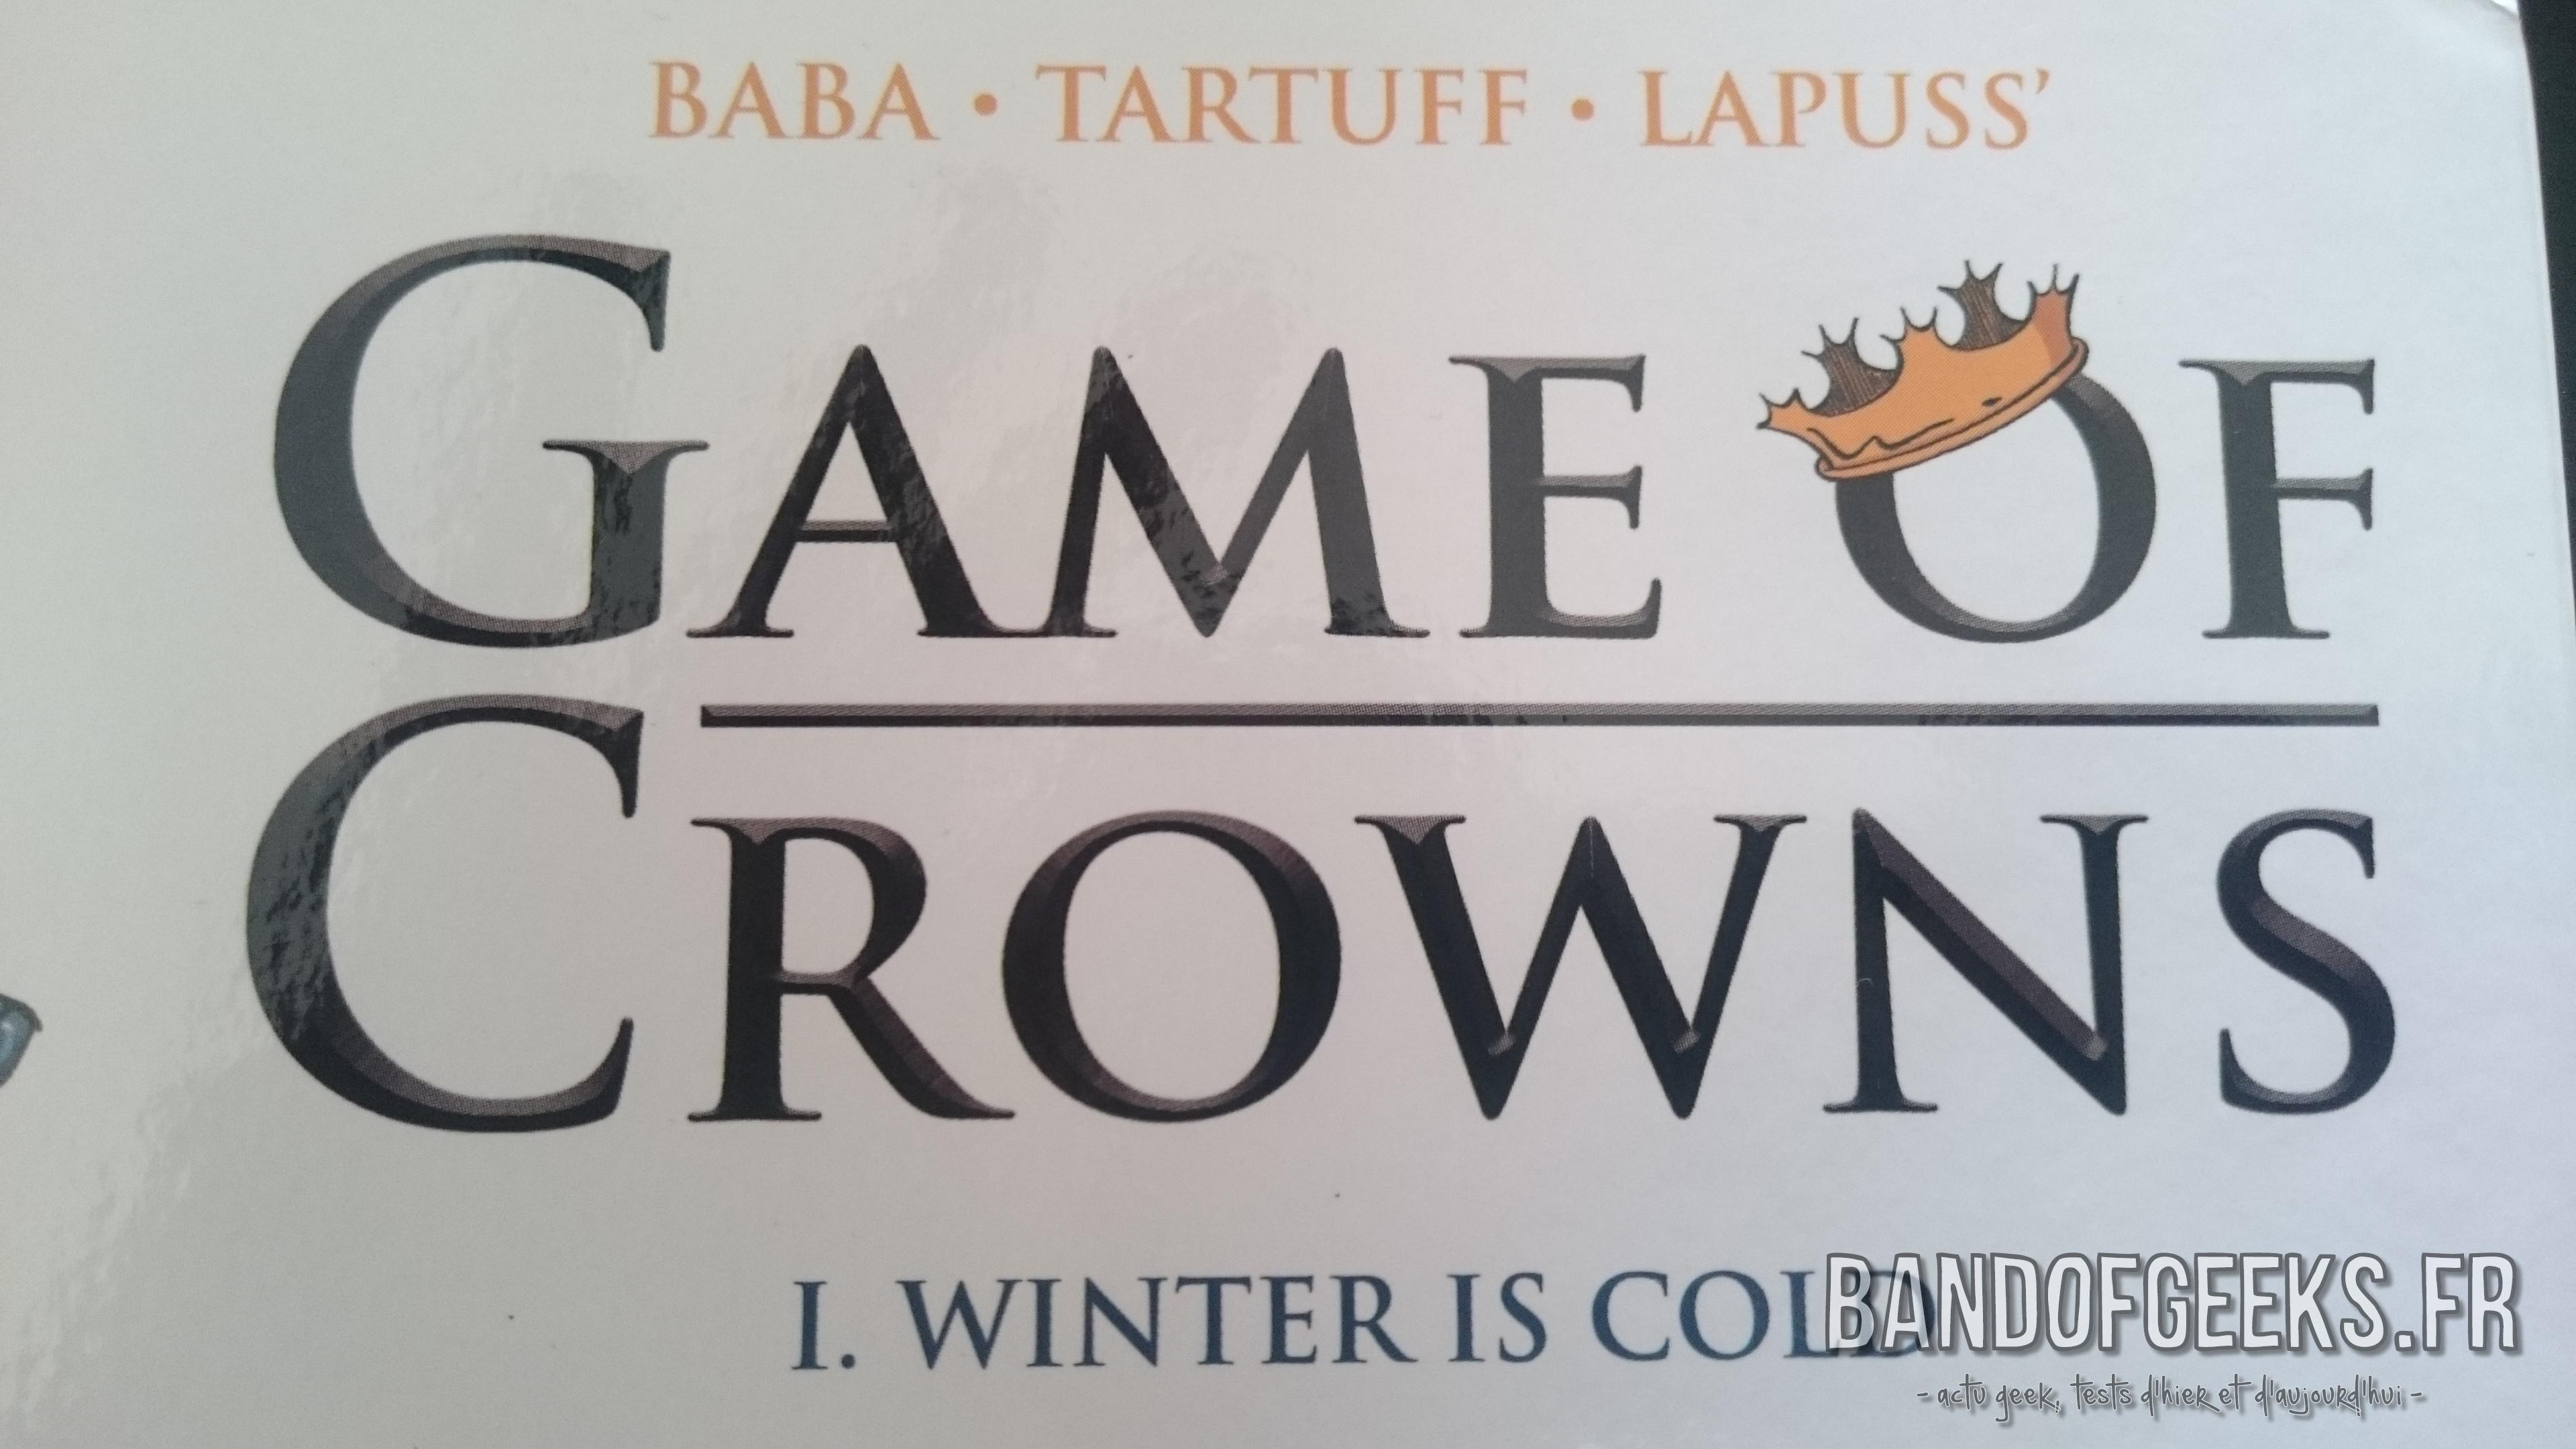 Game of Crowns titre de la BD